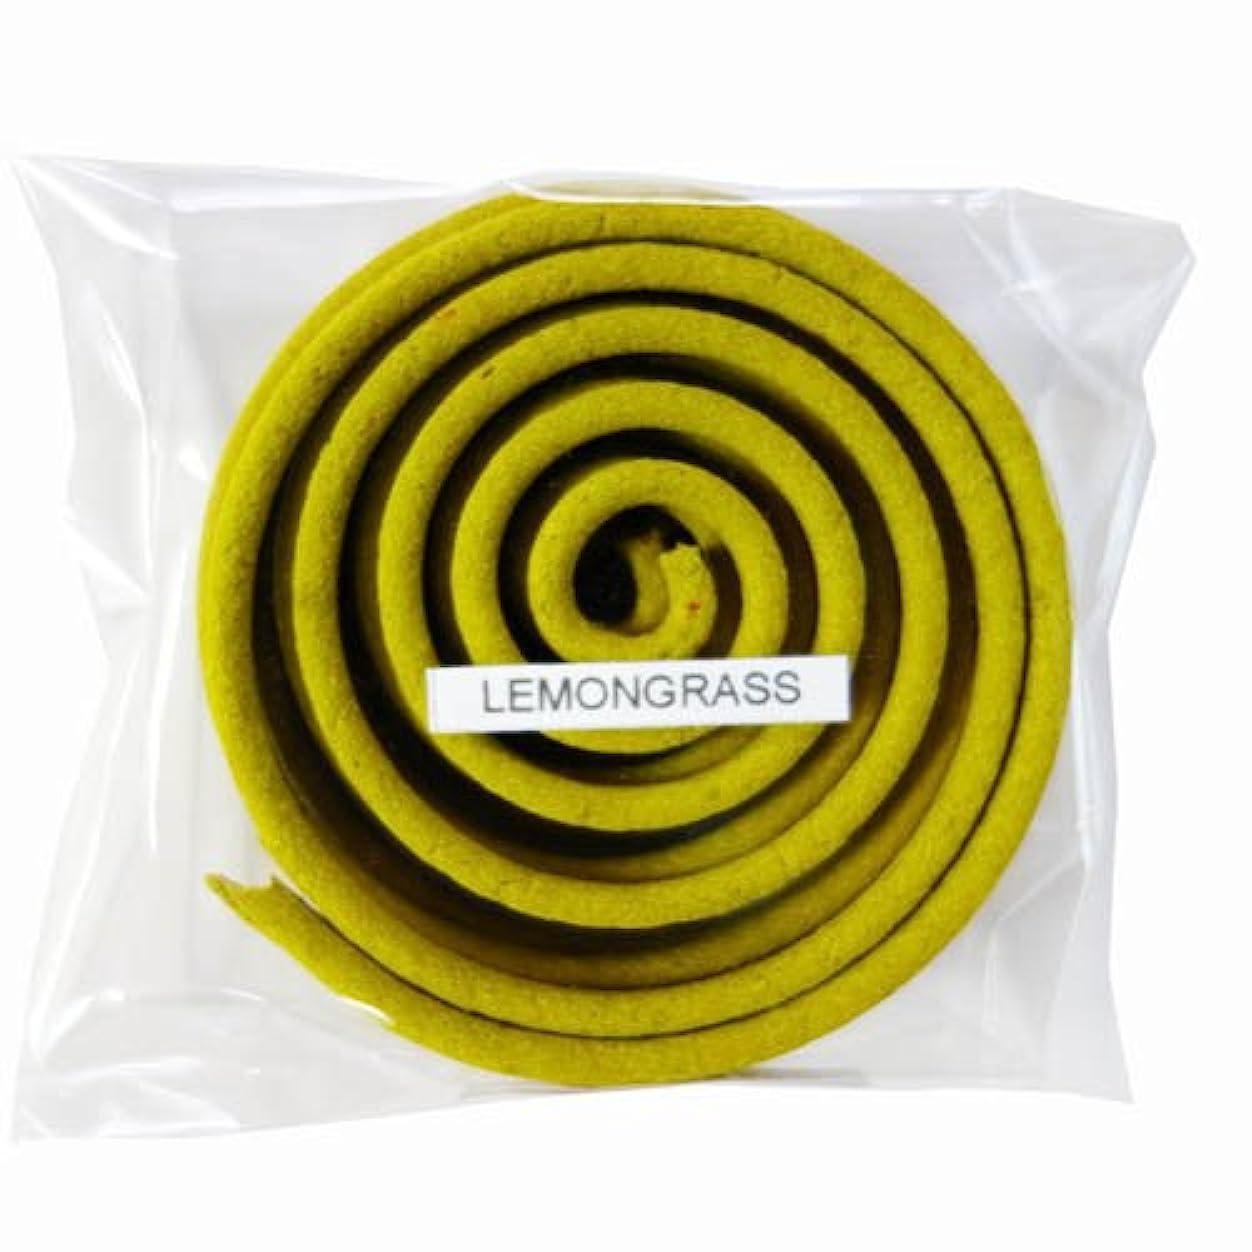 インシデントファーザーファージュ腹部お香/うずまき香 LEMONGRASS レモングラス 直径6.5cm×5巻セット [並行輸入品]